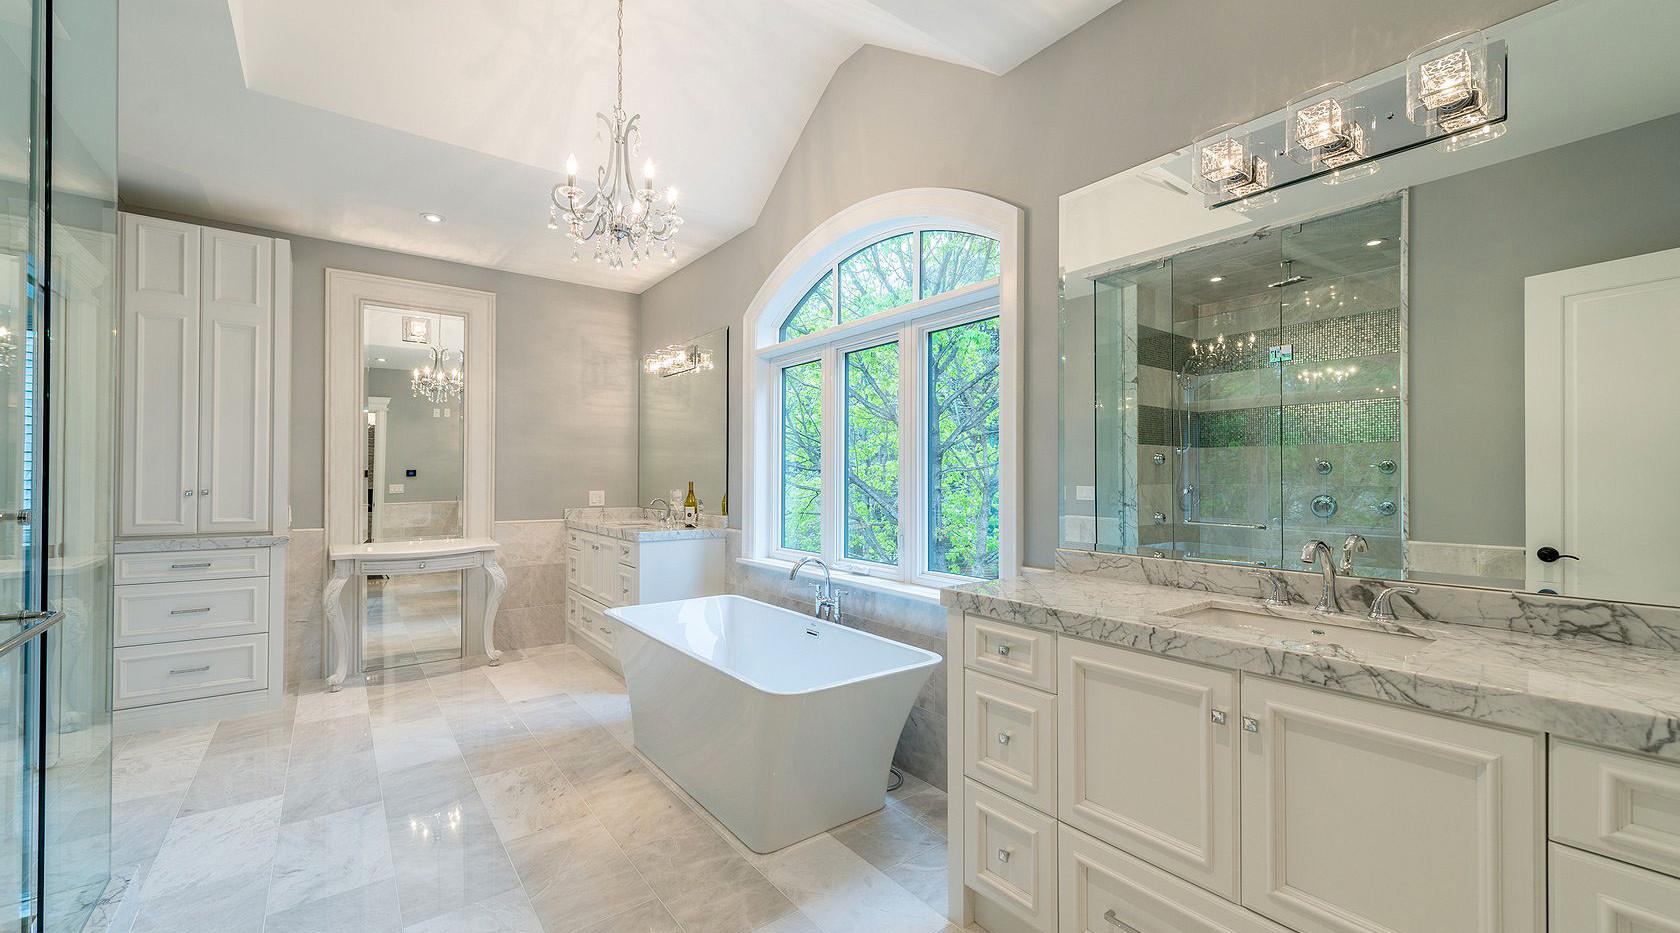 laurentide-bathroomjpg-1531930109633.jpg